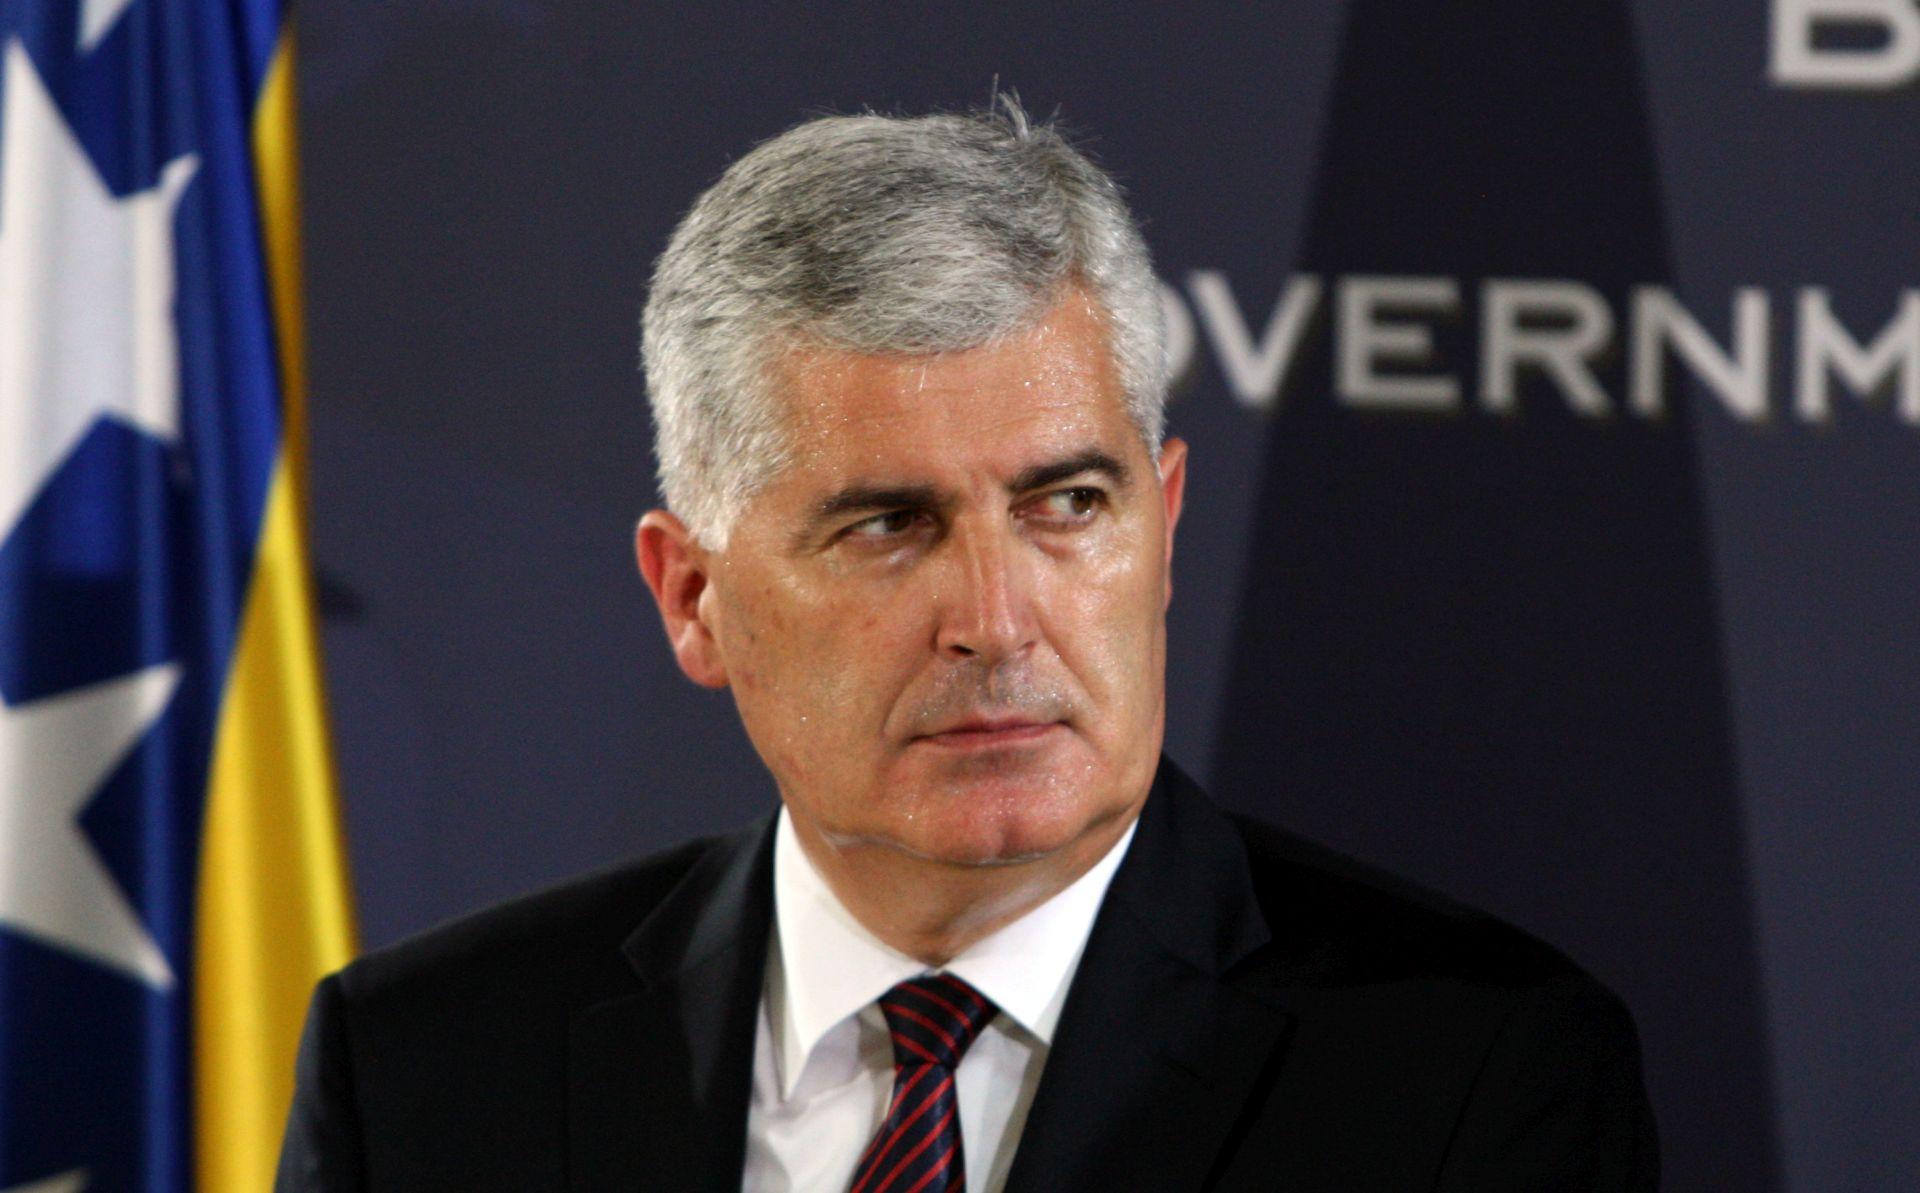 Čović: Prijateljski pregovaramo o granici s Hrvatskom i Srbijom